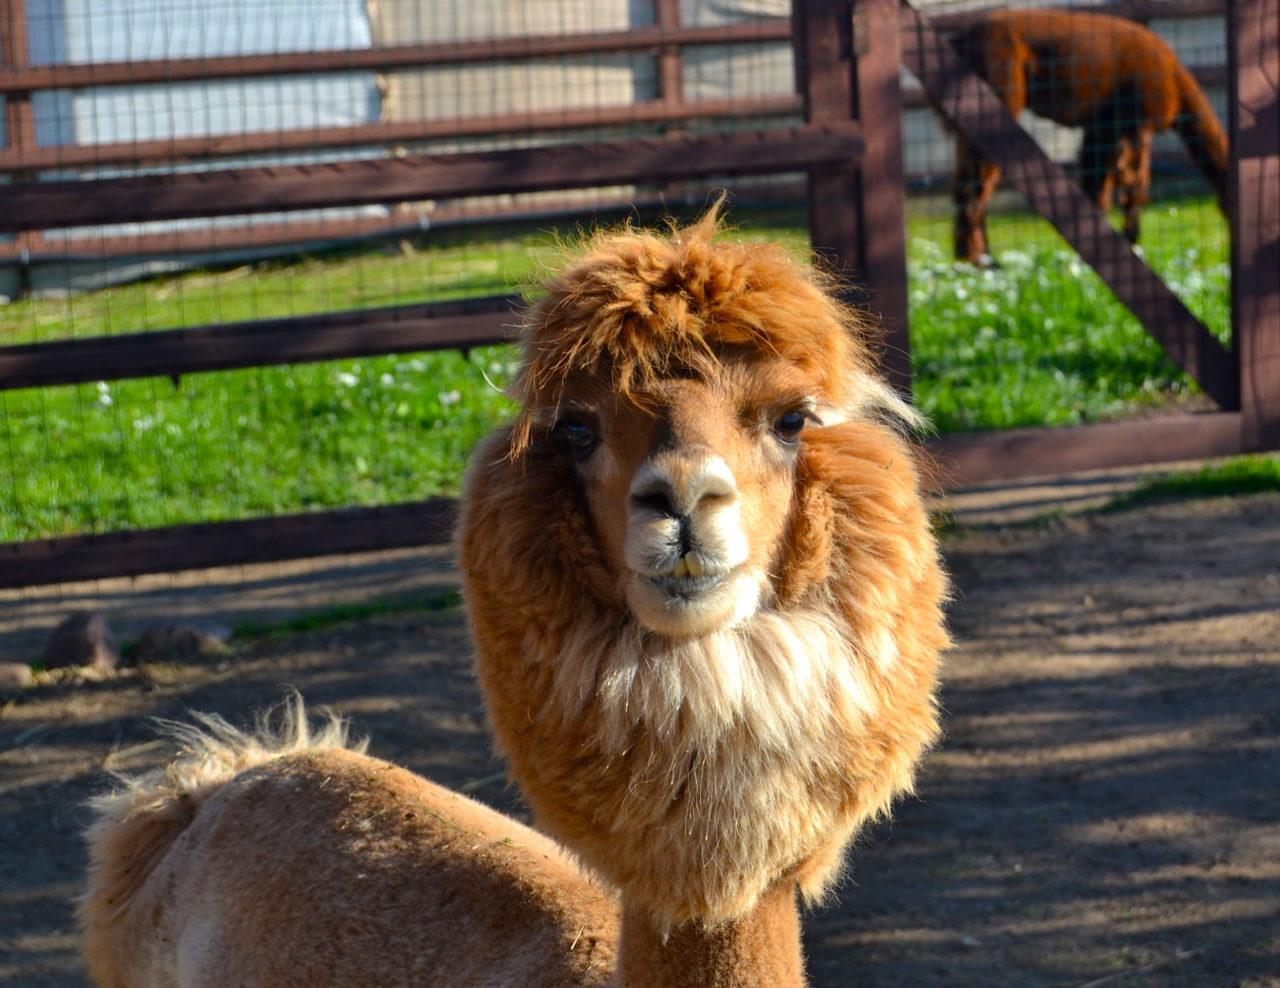 Das ist Igor, ein ganz normaler russischer Alpaka-Junge. / Ljubawa Winokurowa